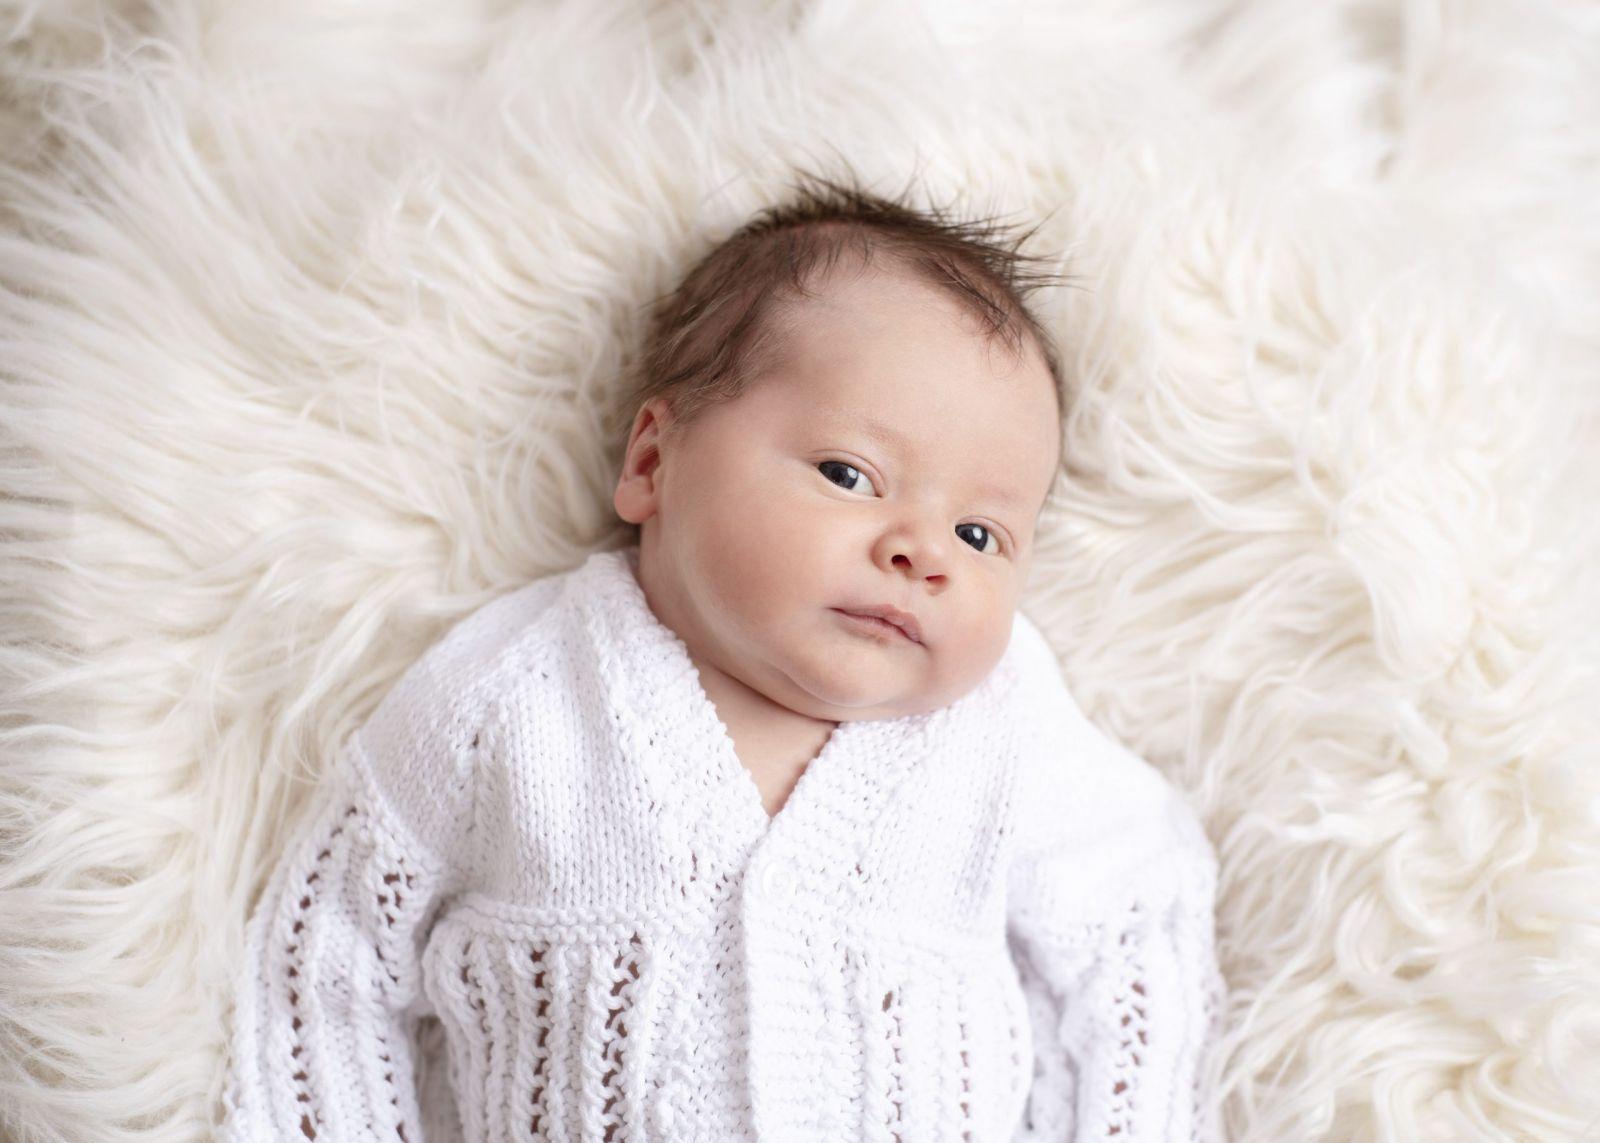 newborn baby studio photography awake